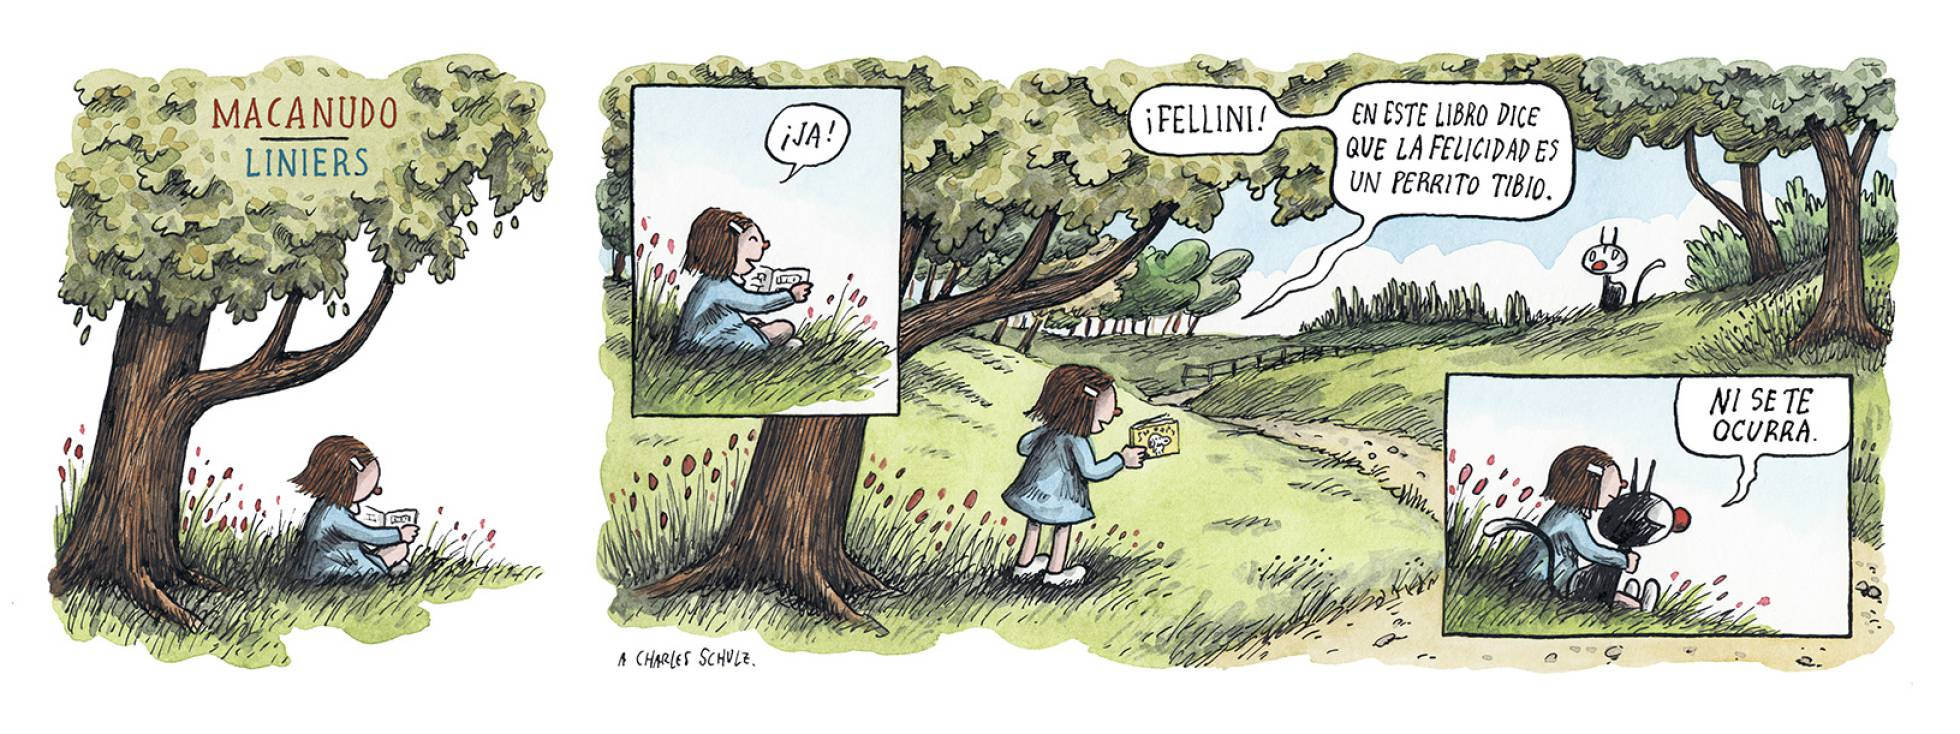 Liniers, en El País, 10/02/2019